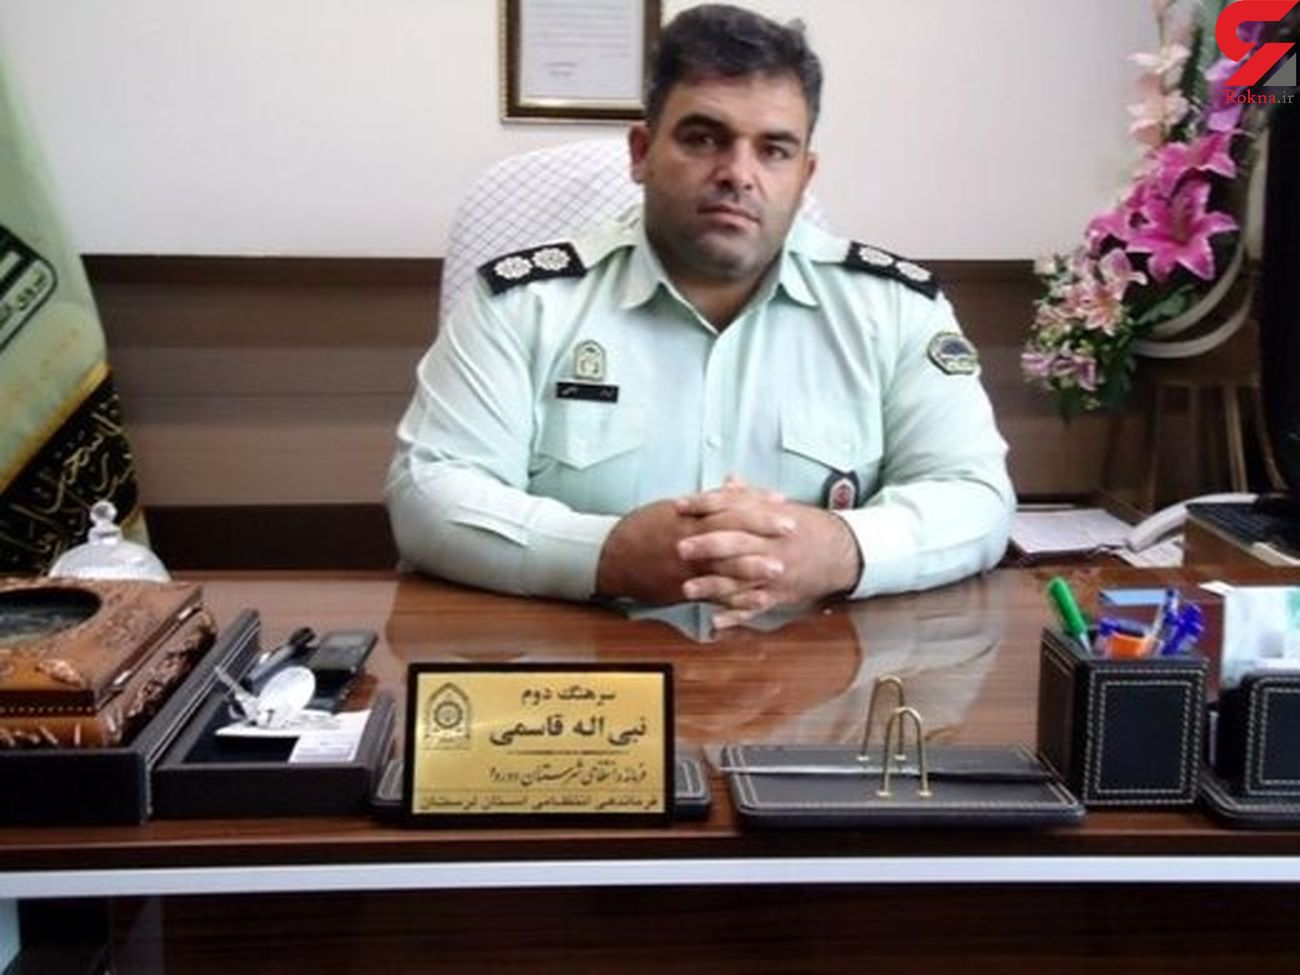 سارق حرفه ای در خانه اش در دورود دستگیر شد